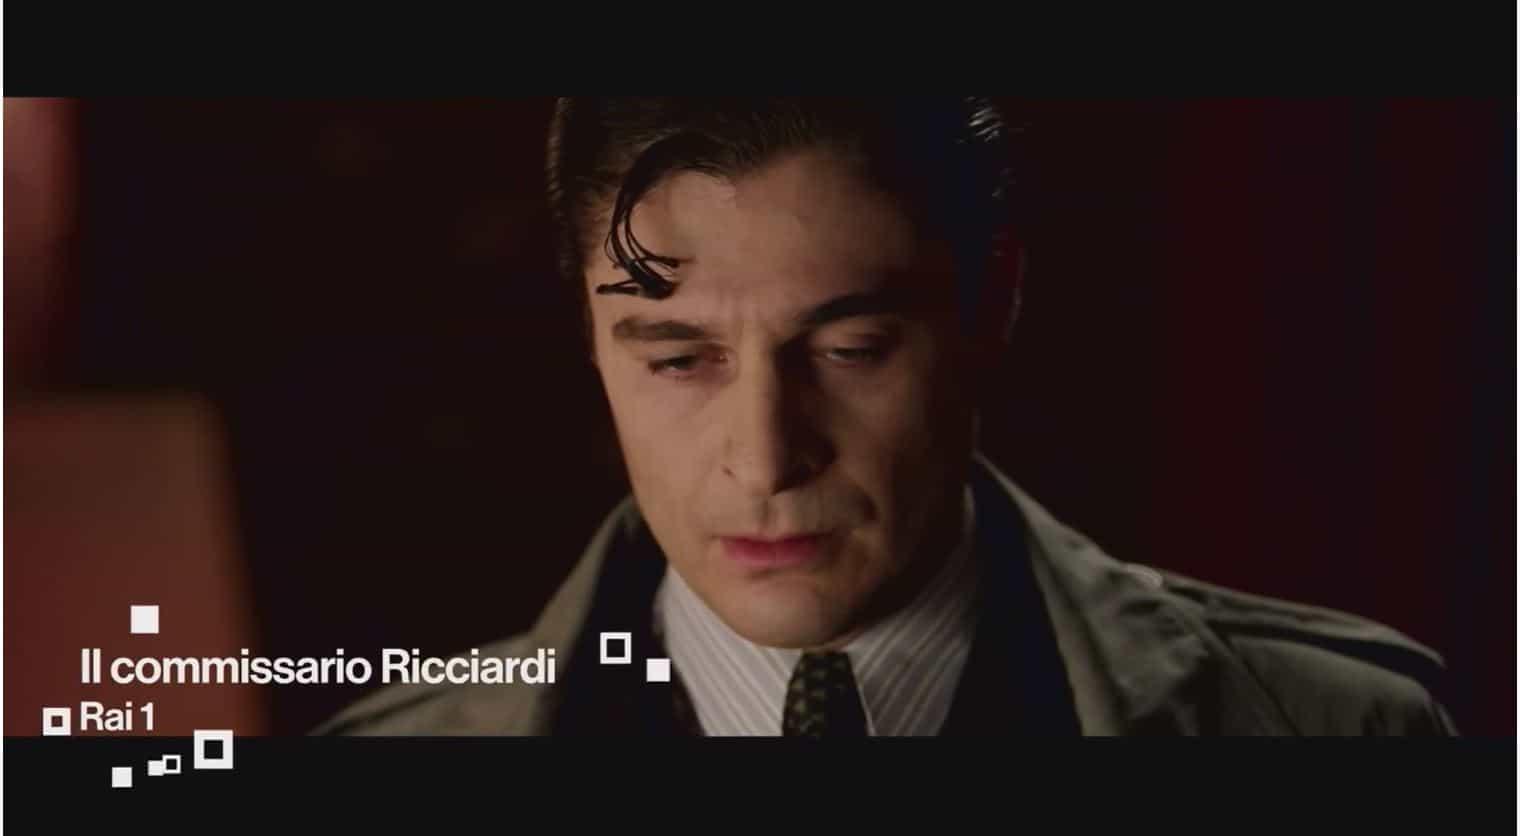 Il commissario Ricciardi su Rai 1 nel 2021: la trama della fiction con Lino Guanciale